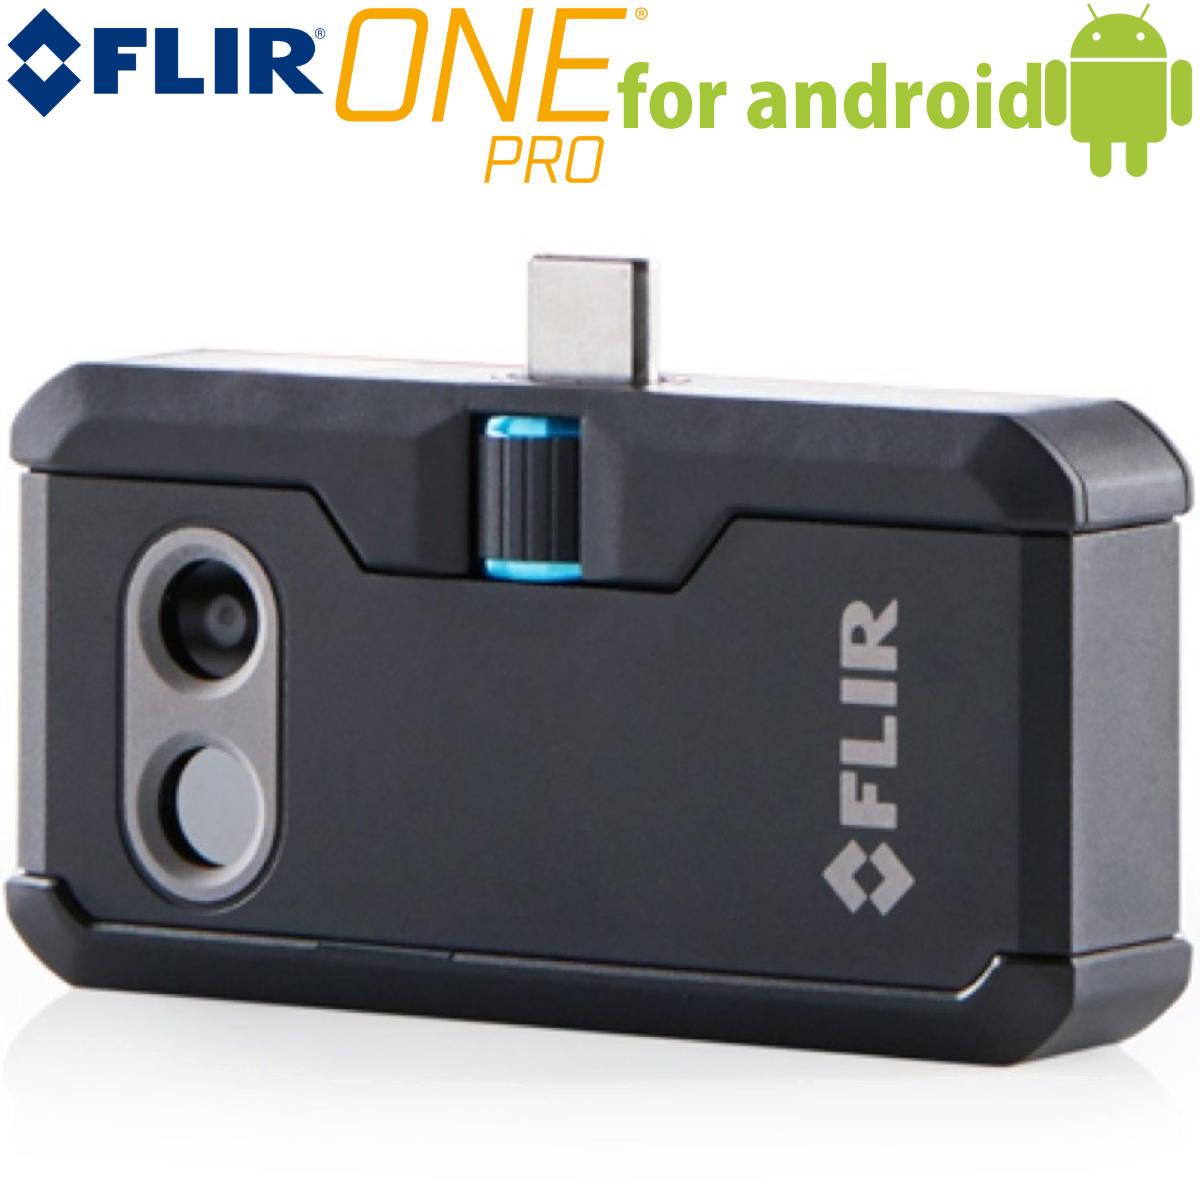 スマートフォン・携帯電話アクセサリー, スマートフォン用カメラレンズ  FLIR ONE PRO for Android .. gen3 USB-C Type-C Micro USB USB